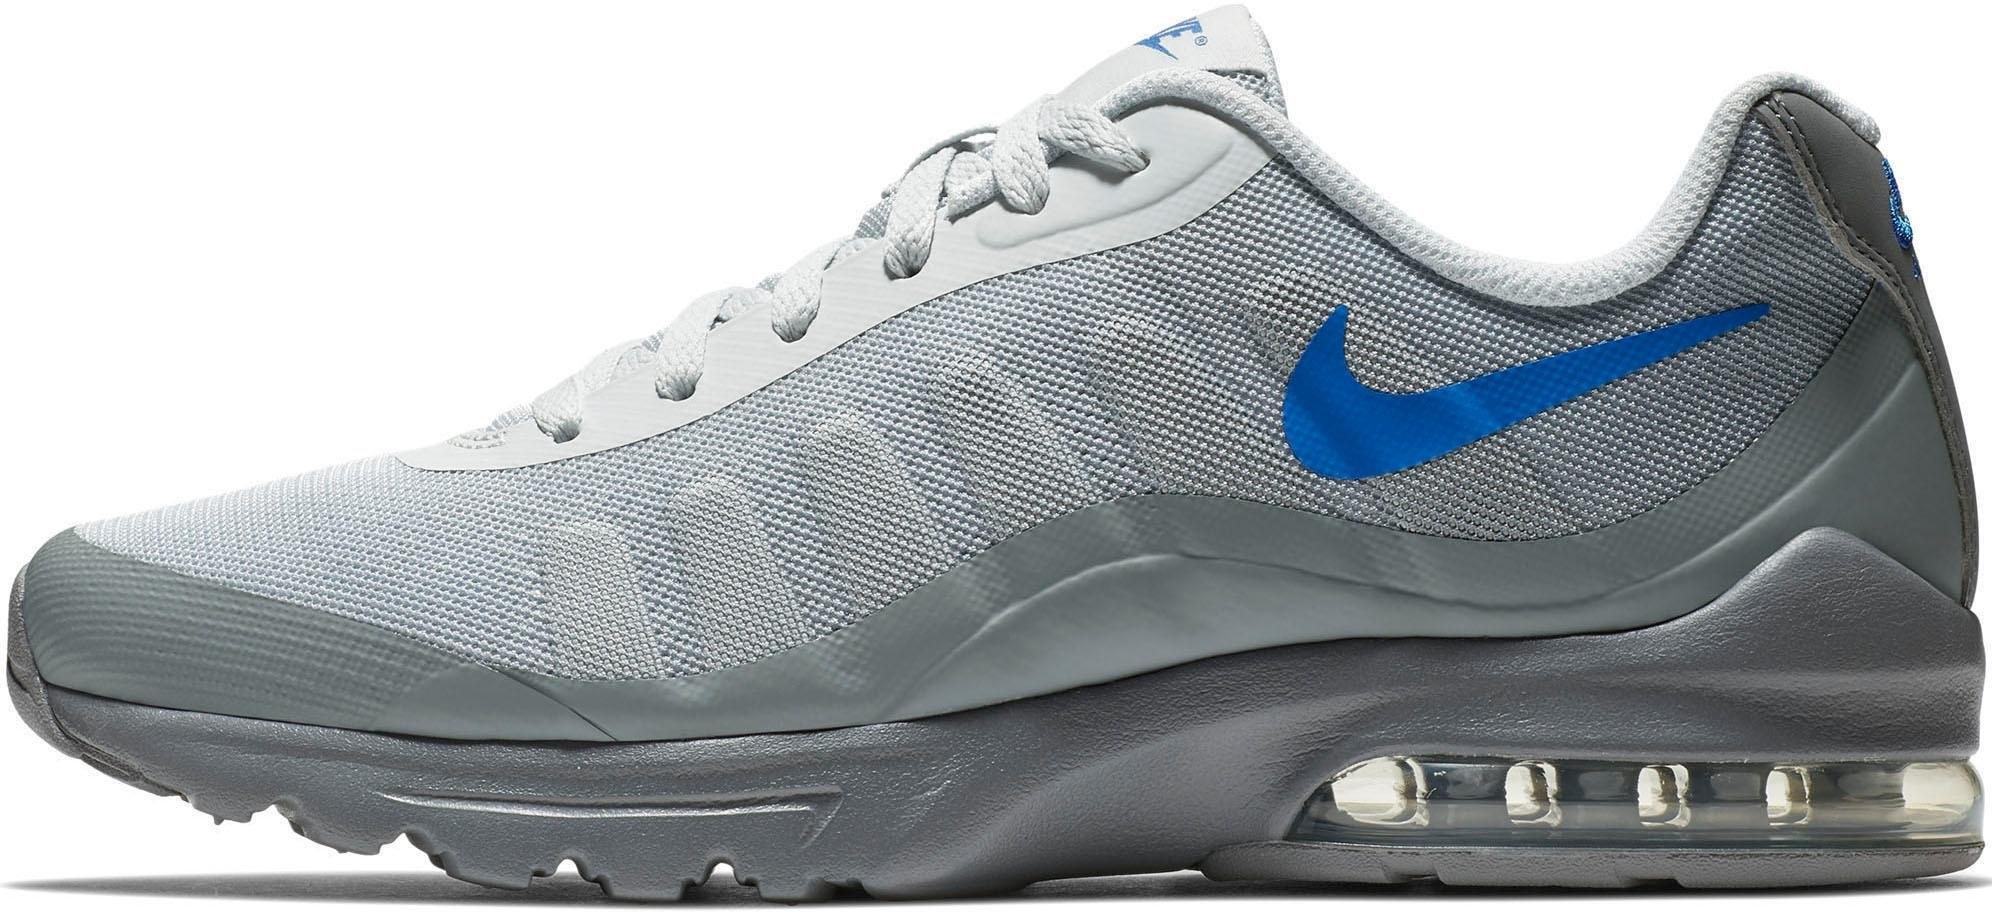 Max Online Invigor Snel Sneakersair Sportswear Nike Gekocht Print W2HIED9